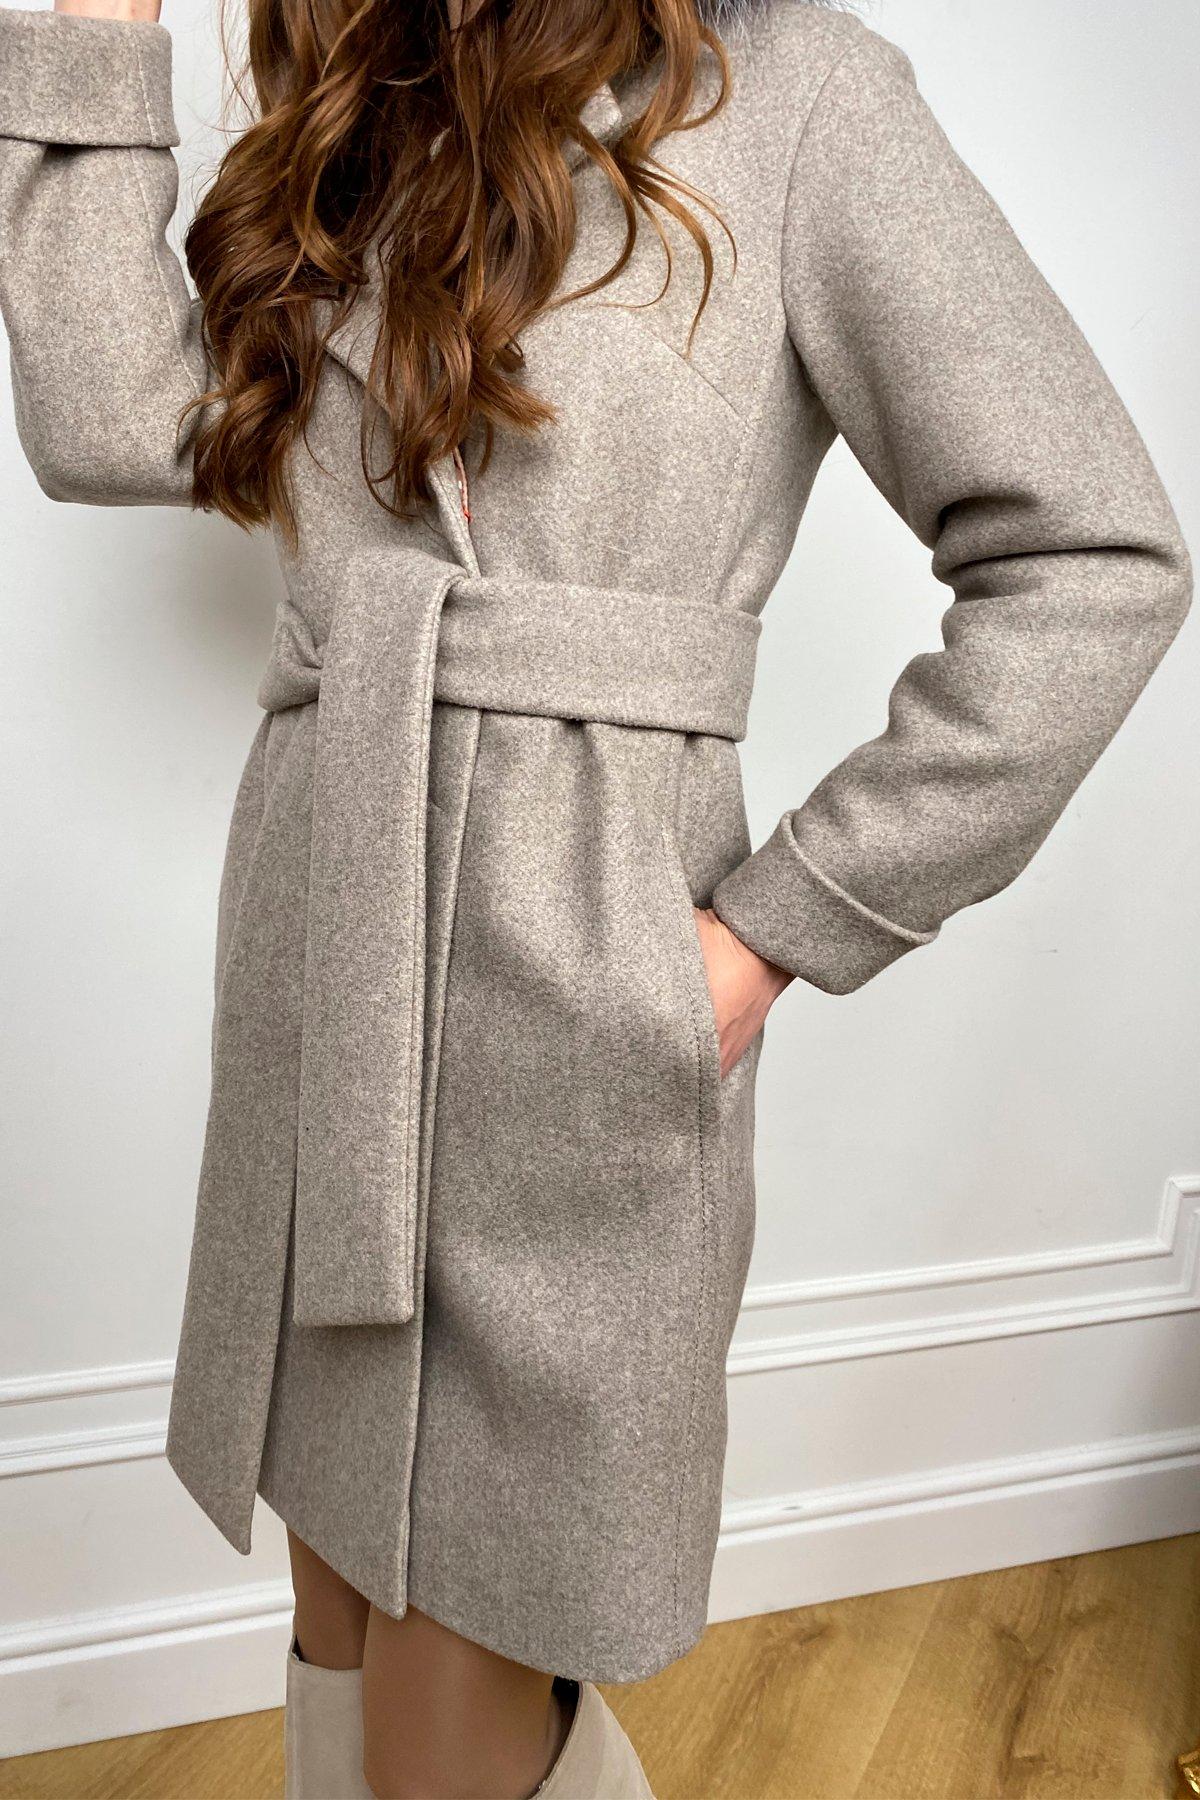 Пальто зима Приора 5668 АРТ. 37883 Цвет: Бежевый 10 - фото 4, интернет магазин tm-modus.ru